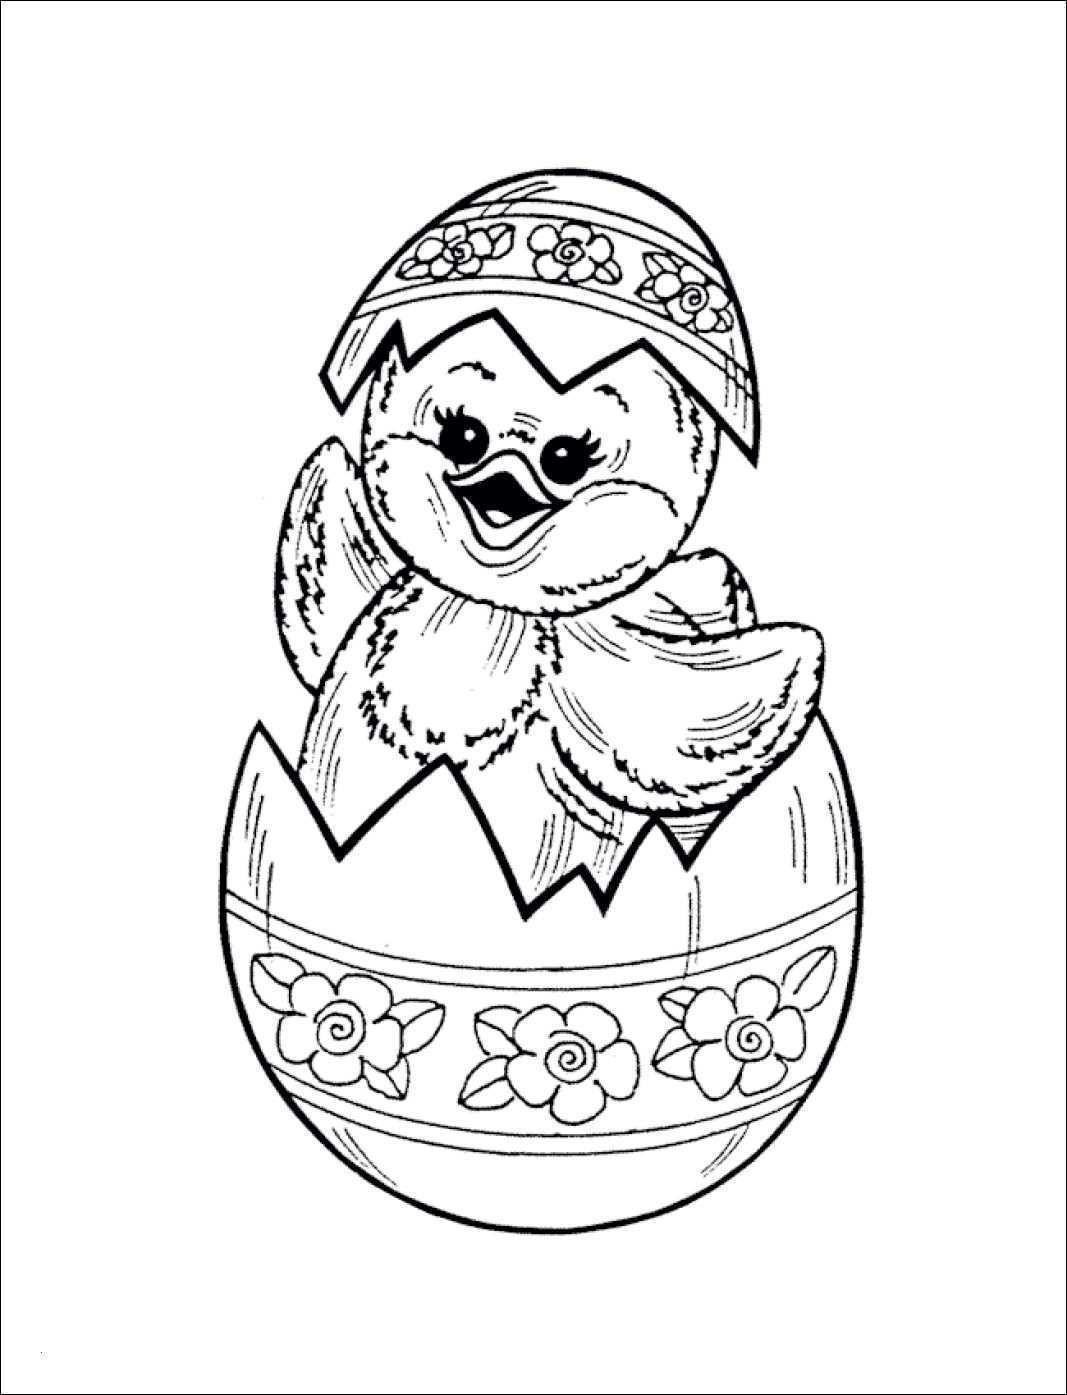 Frohe Ostern Bilder Zum Ausmalen Einzigartig Frohe Ostern Ausmalbild Vorstellung Ausmalbilder Ostern Kostenlos Fotos